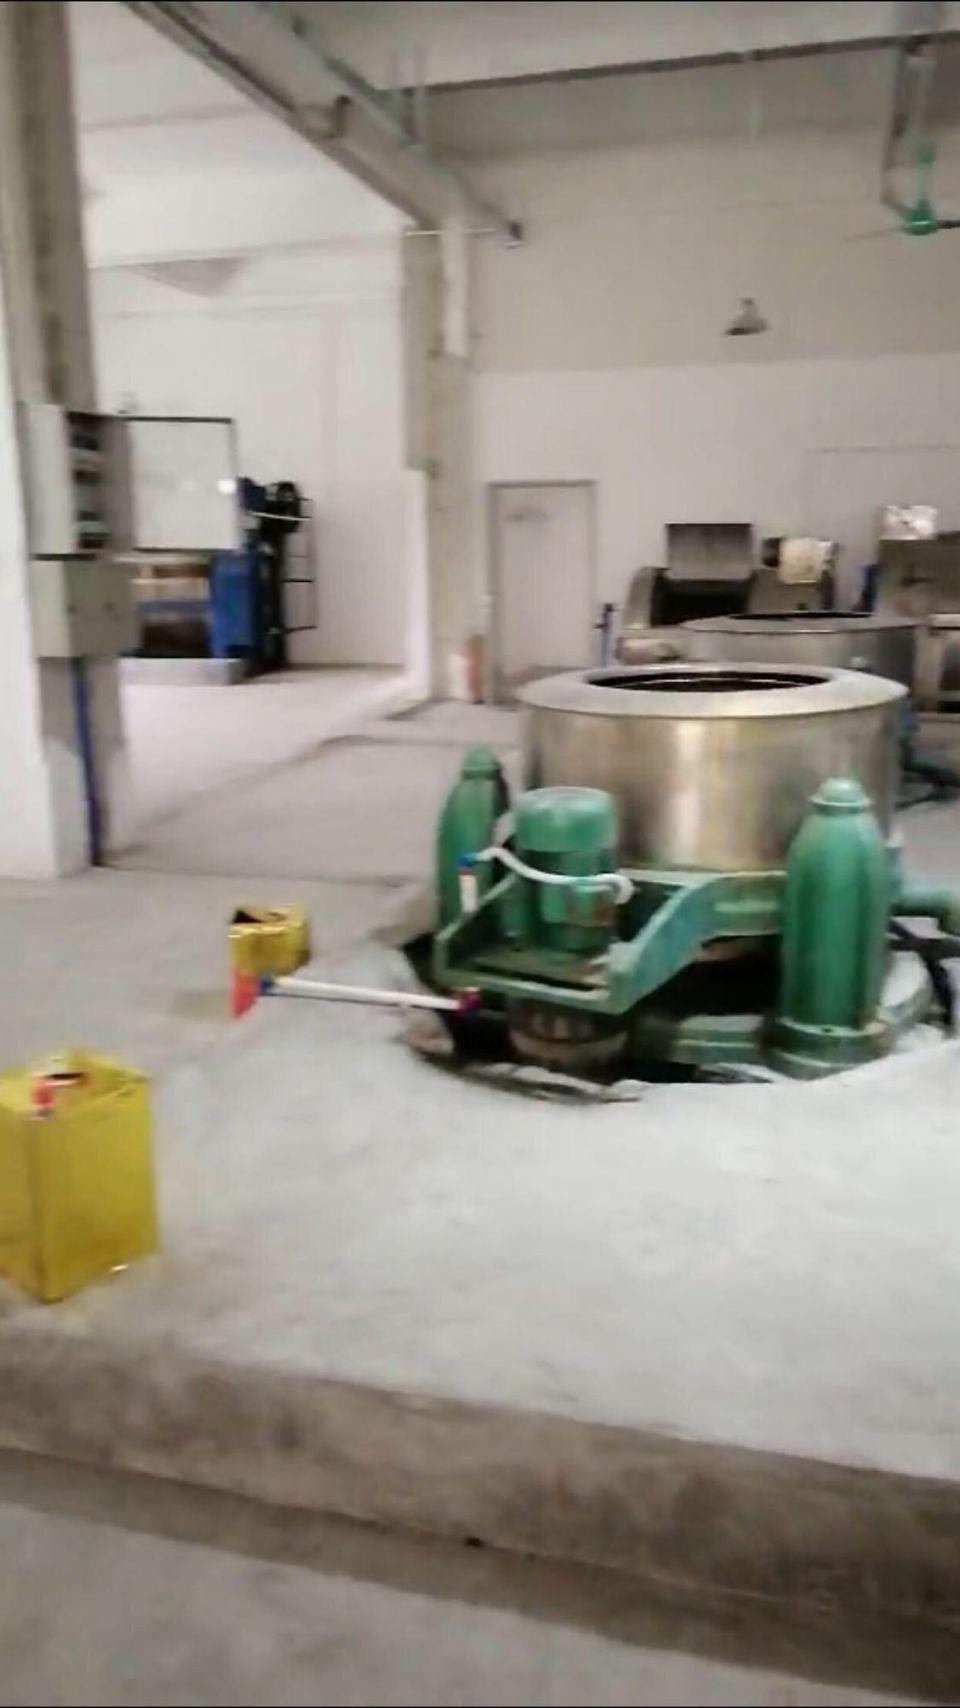 黄埔开发区永和新出8000平唯一可做洗牛仔洗水厂招租。